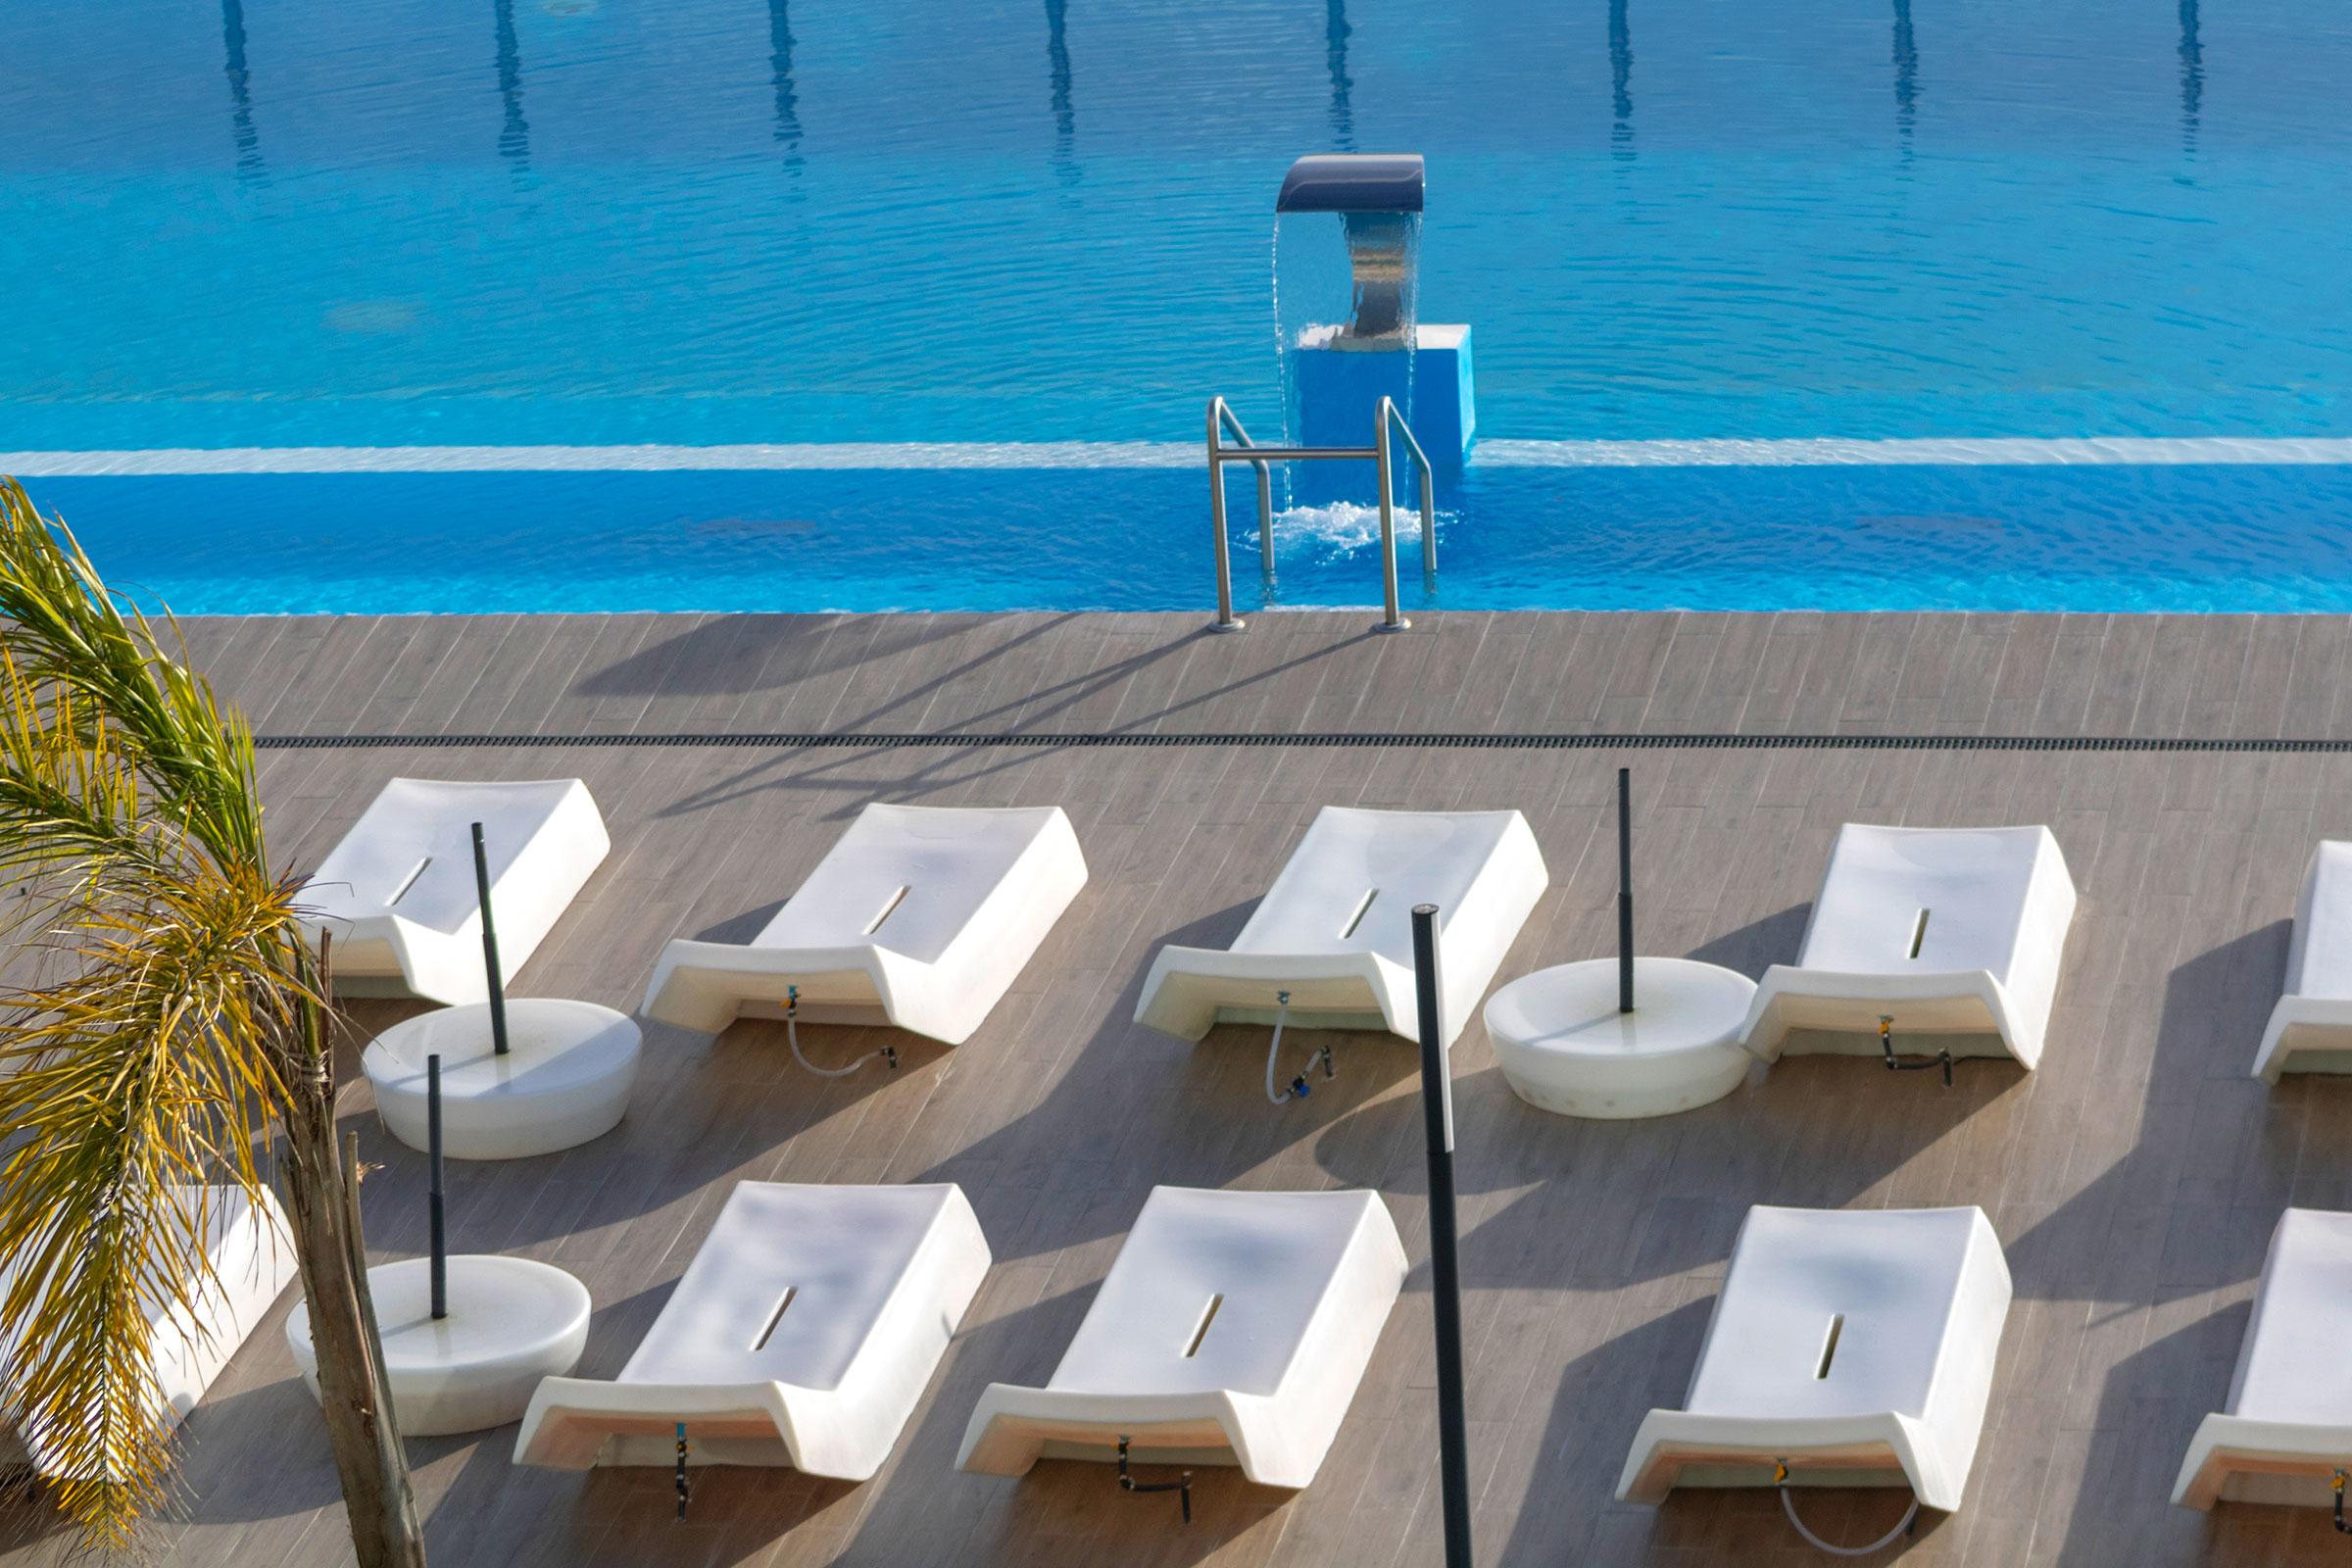 Piscina exterior aquecida com a ajuda das espreguiçadeiras - Lisotel Hotel & Spa